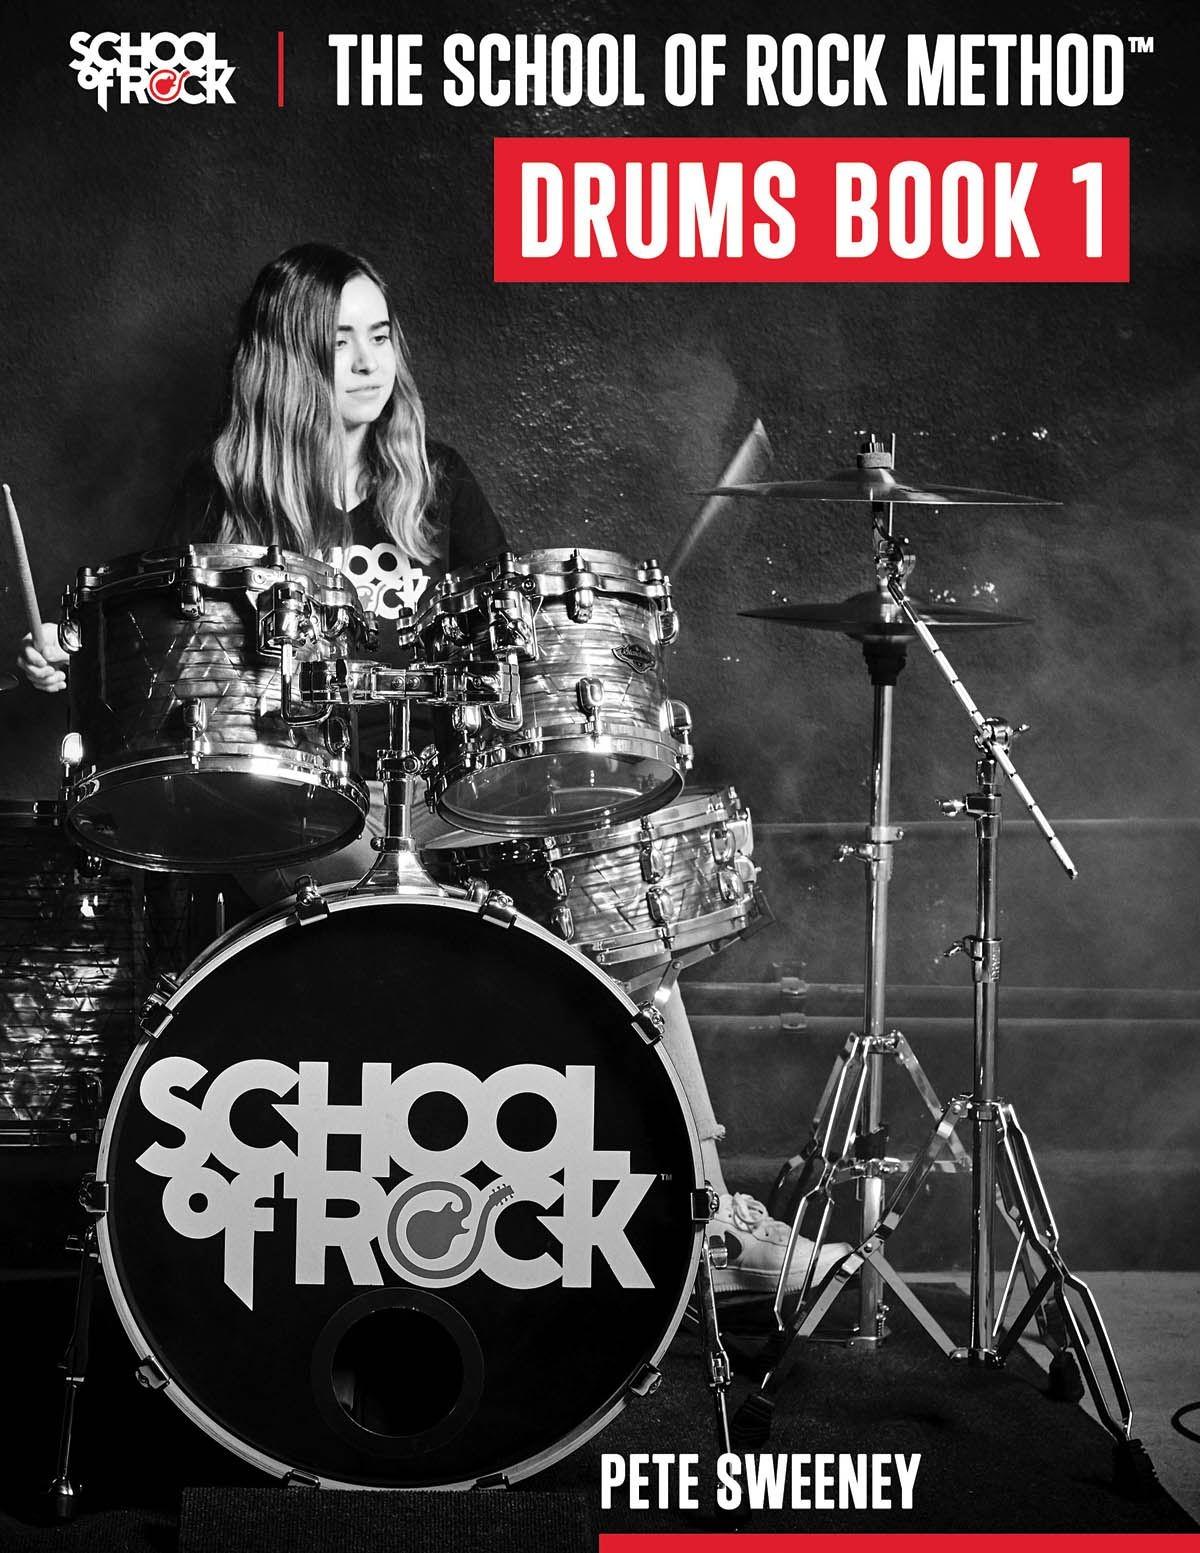 Pete Sweeney: The School of Rock Method - Drums Book 1: Drums: Instrumental